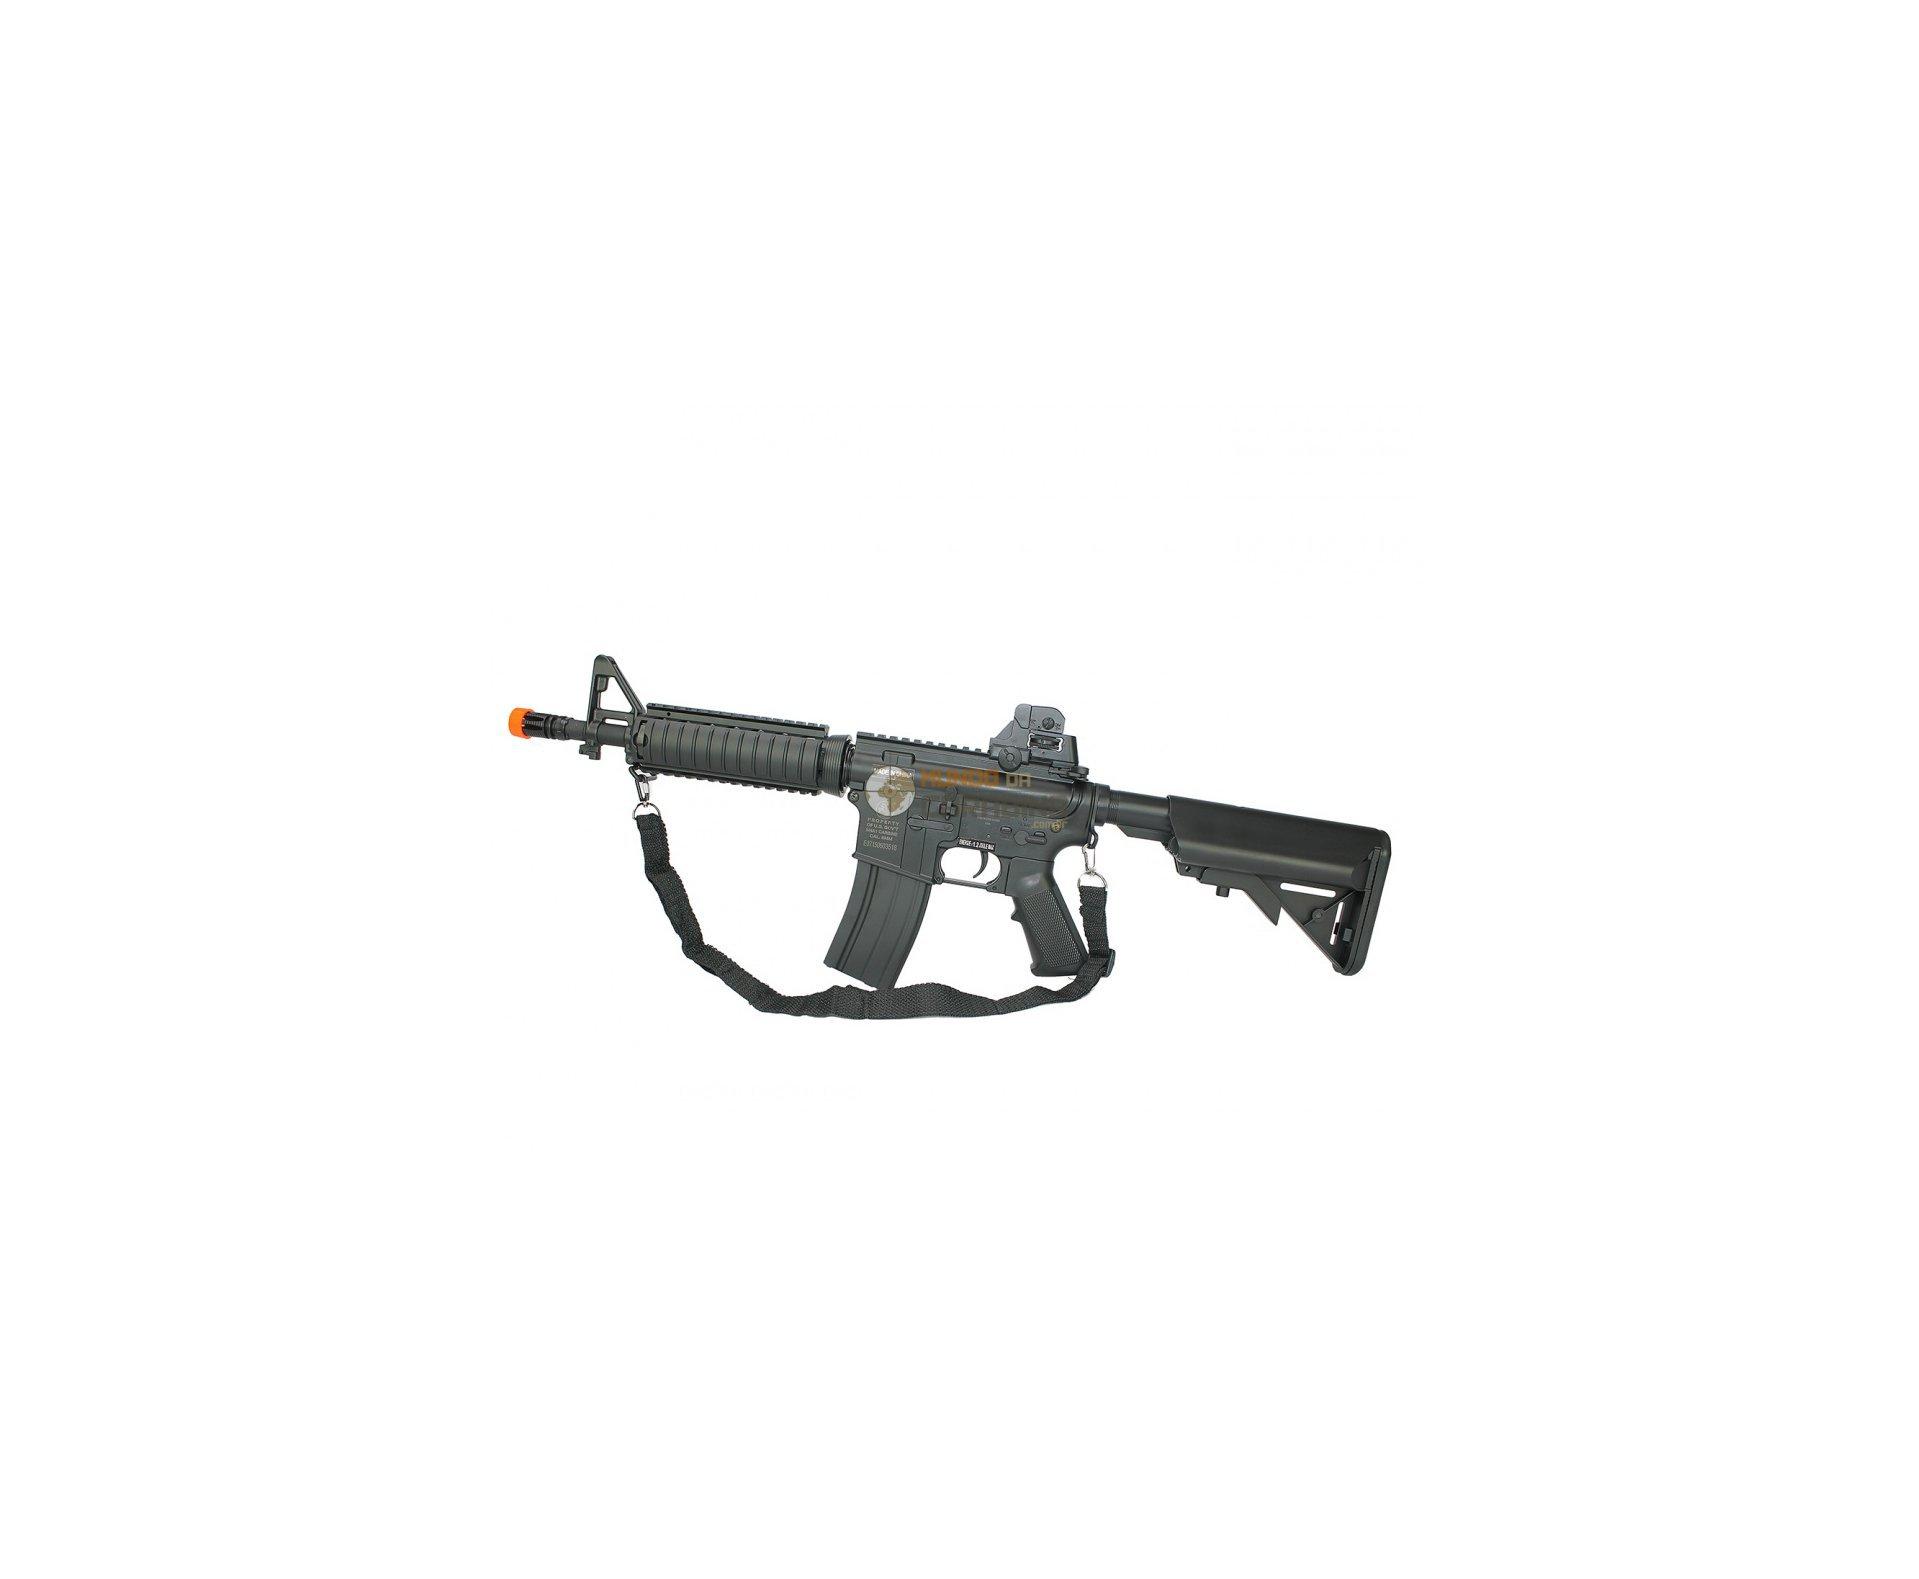 Rifle Airsoft Colt M4a1 Cqb Ris Aeg Cal 6mm Bivolt Cybergun + Capa + 12000 Bbs 0,20g